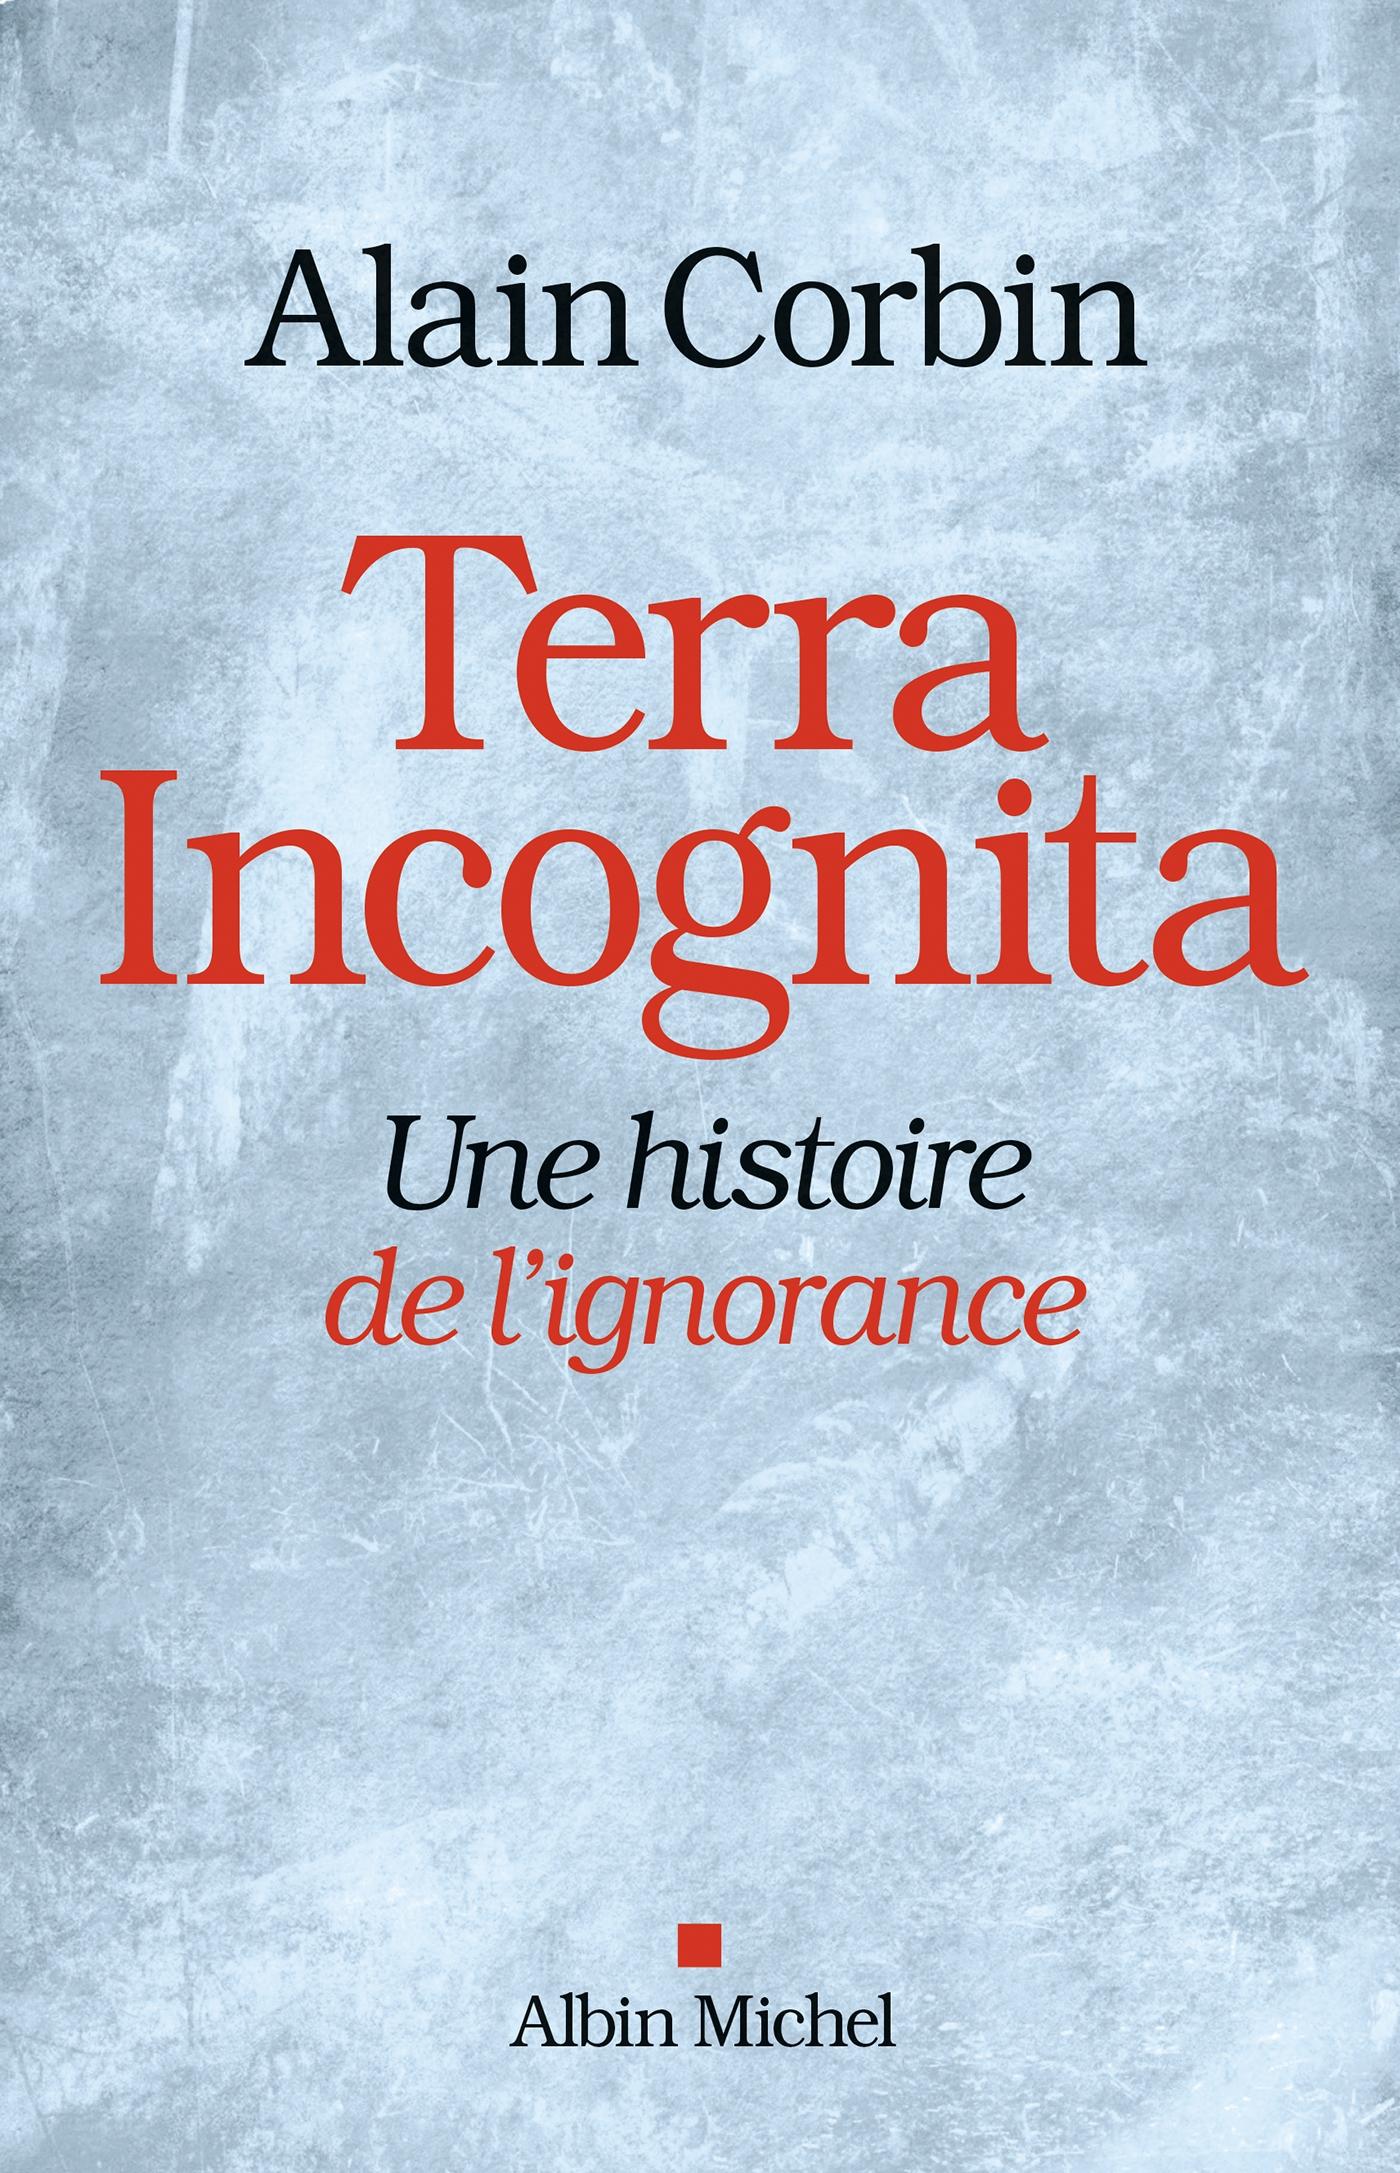 Terra Incognita | Corbin, Alain. Auteur